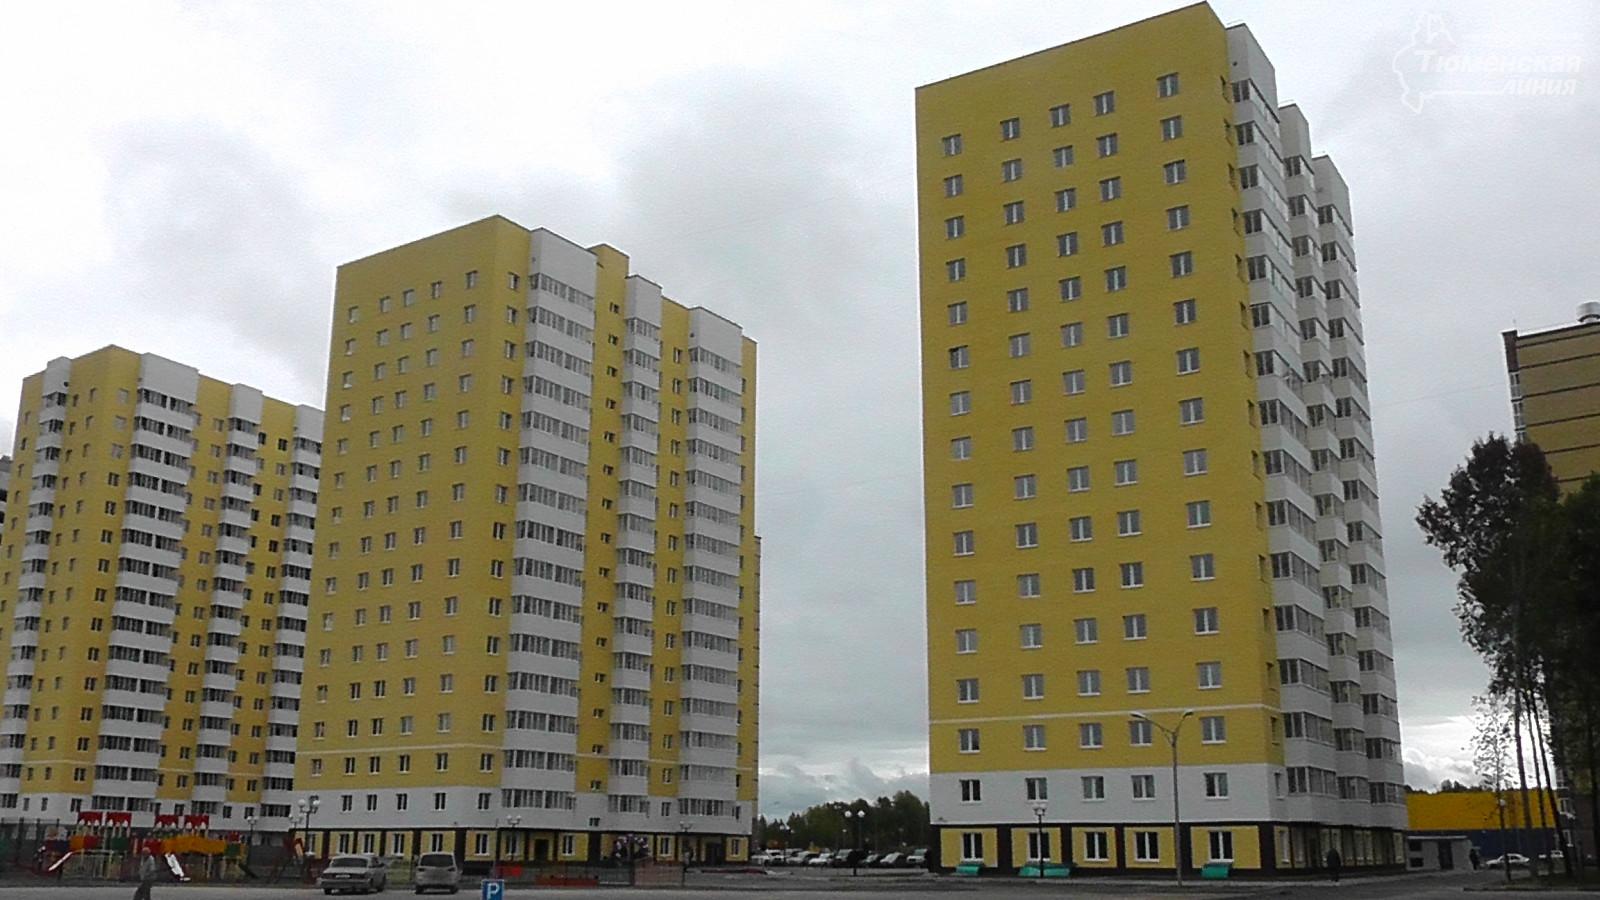 Правительство выделило дополнительные 5,2 млрд рублей для помощи регионам по переселению из аварийного жилья